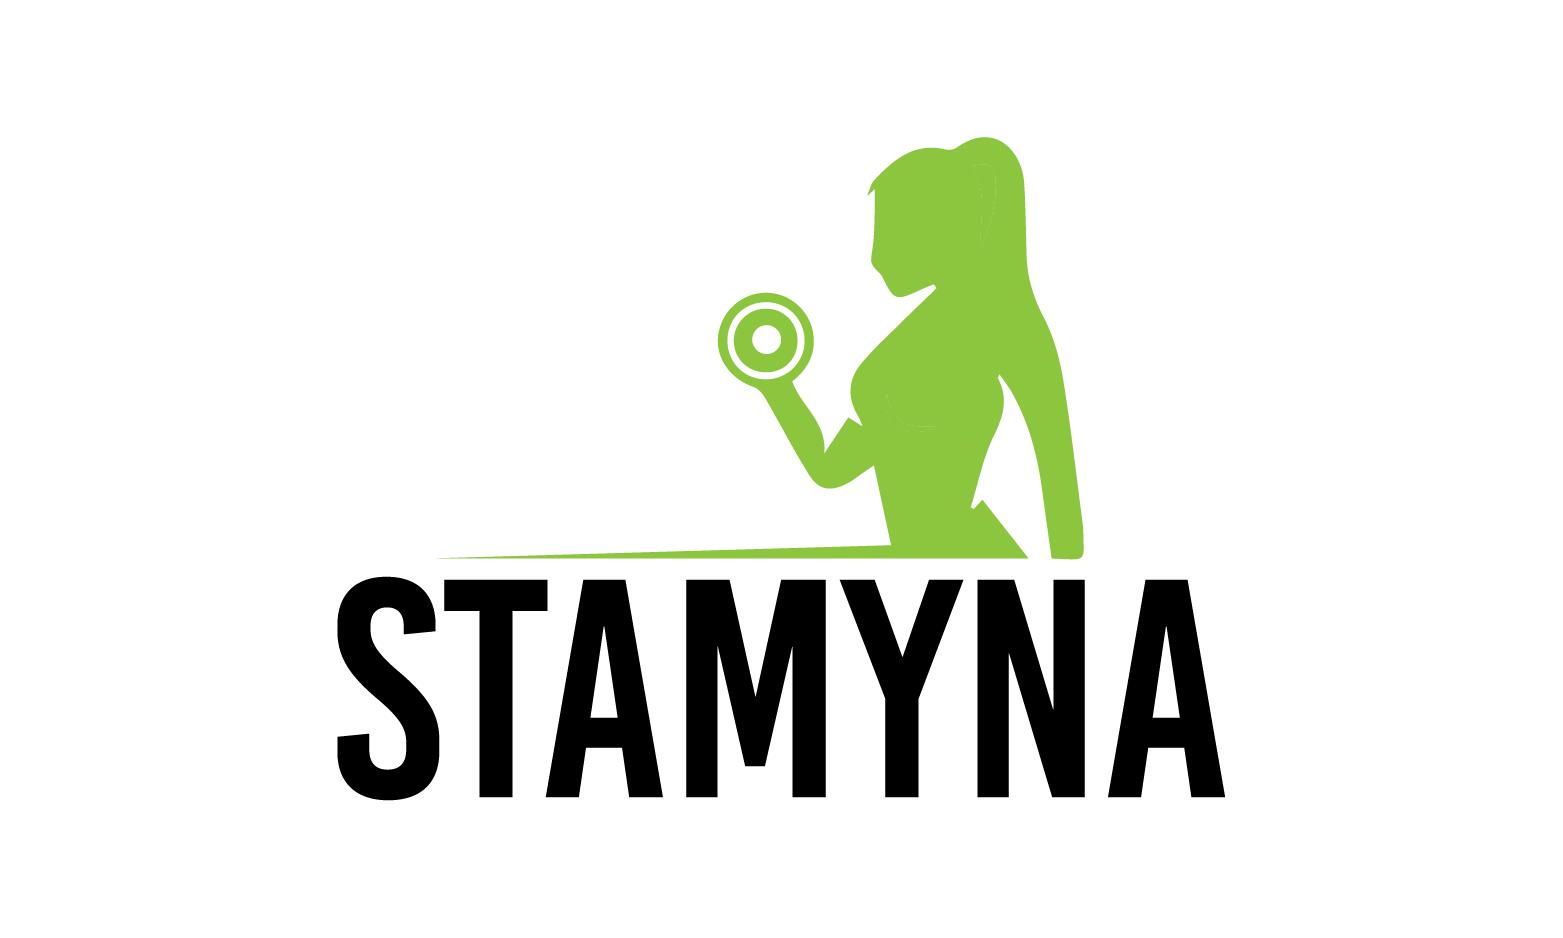 Stamyna.com